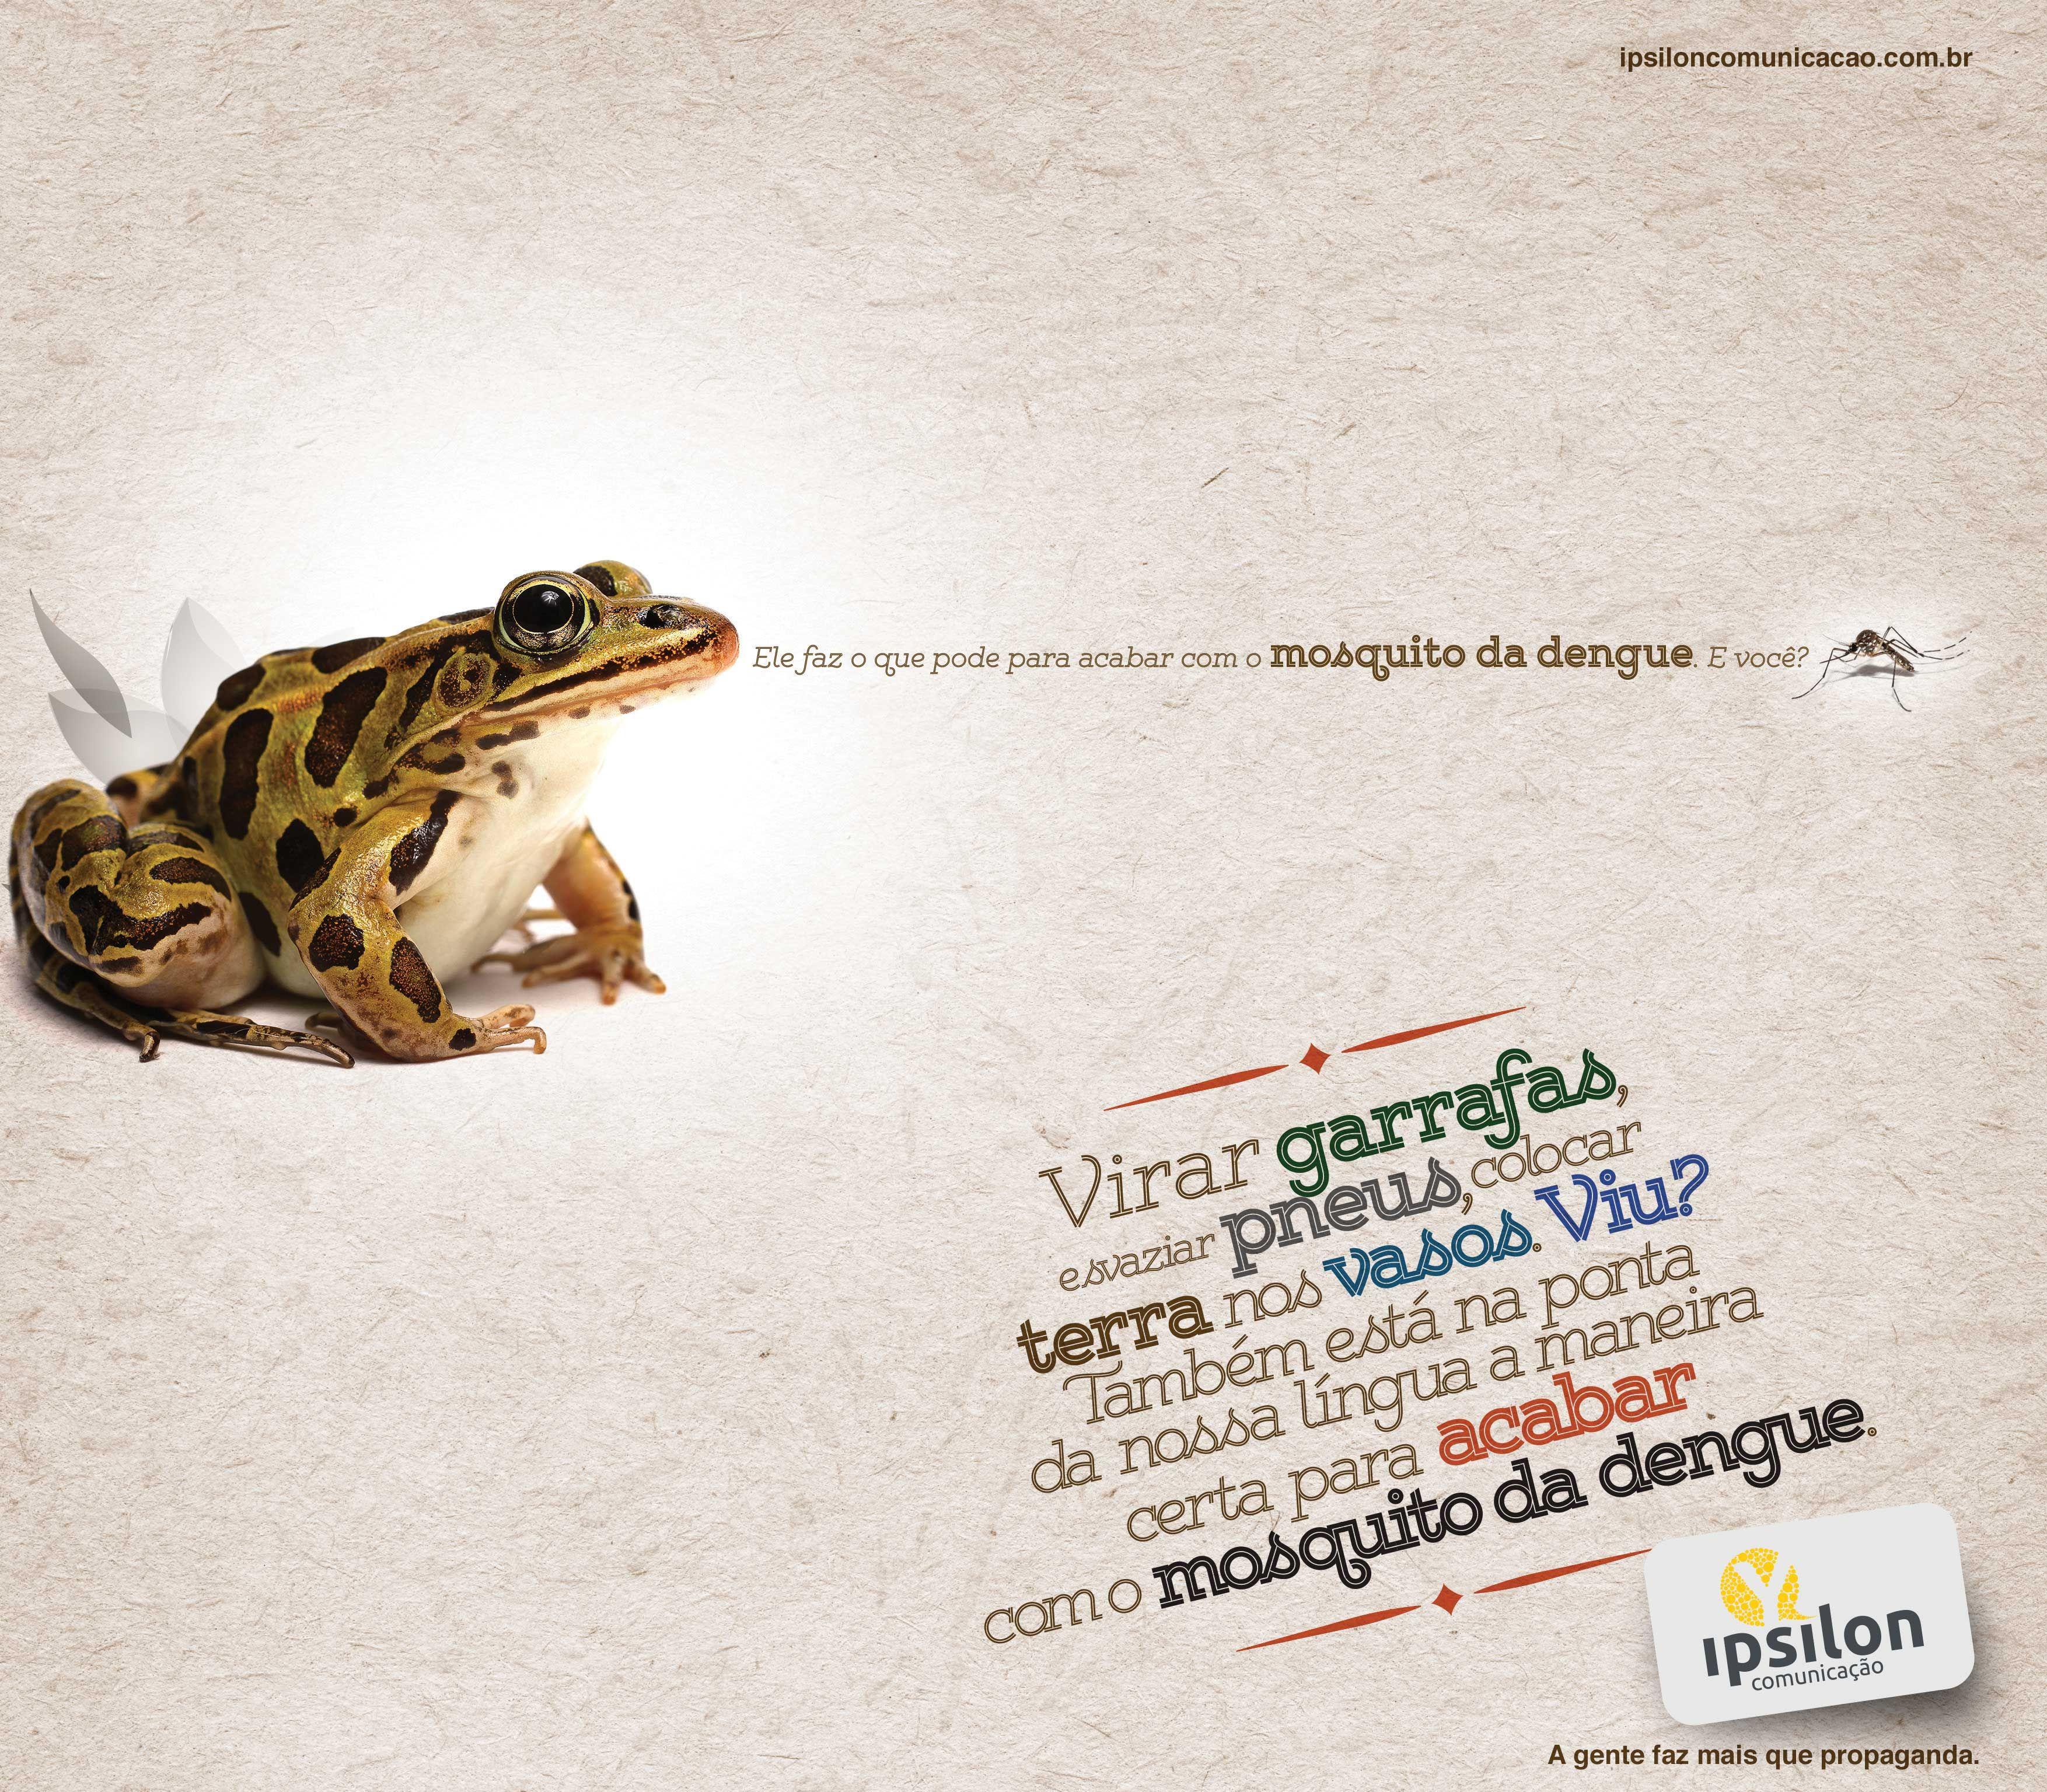 Campanha Ipsilon contra a dengue Anúncio: Sapo Data: Março 2014